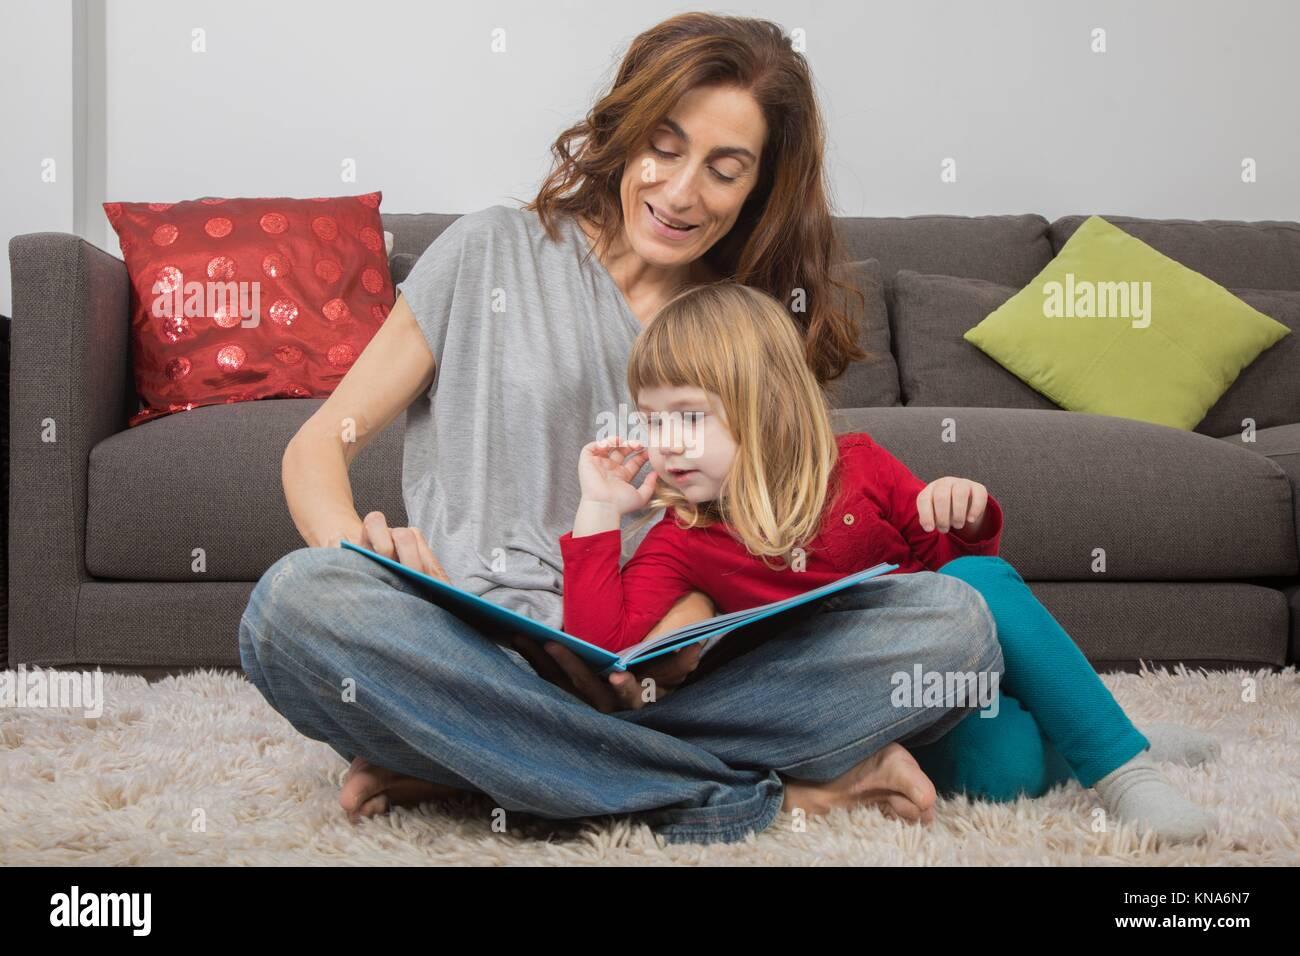 L'enfant blonde de trois ans, avec des vêtements rouges et verts, se penchant sur la femme en jeans, lire Photo Stock